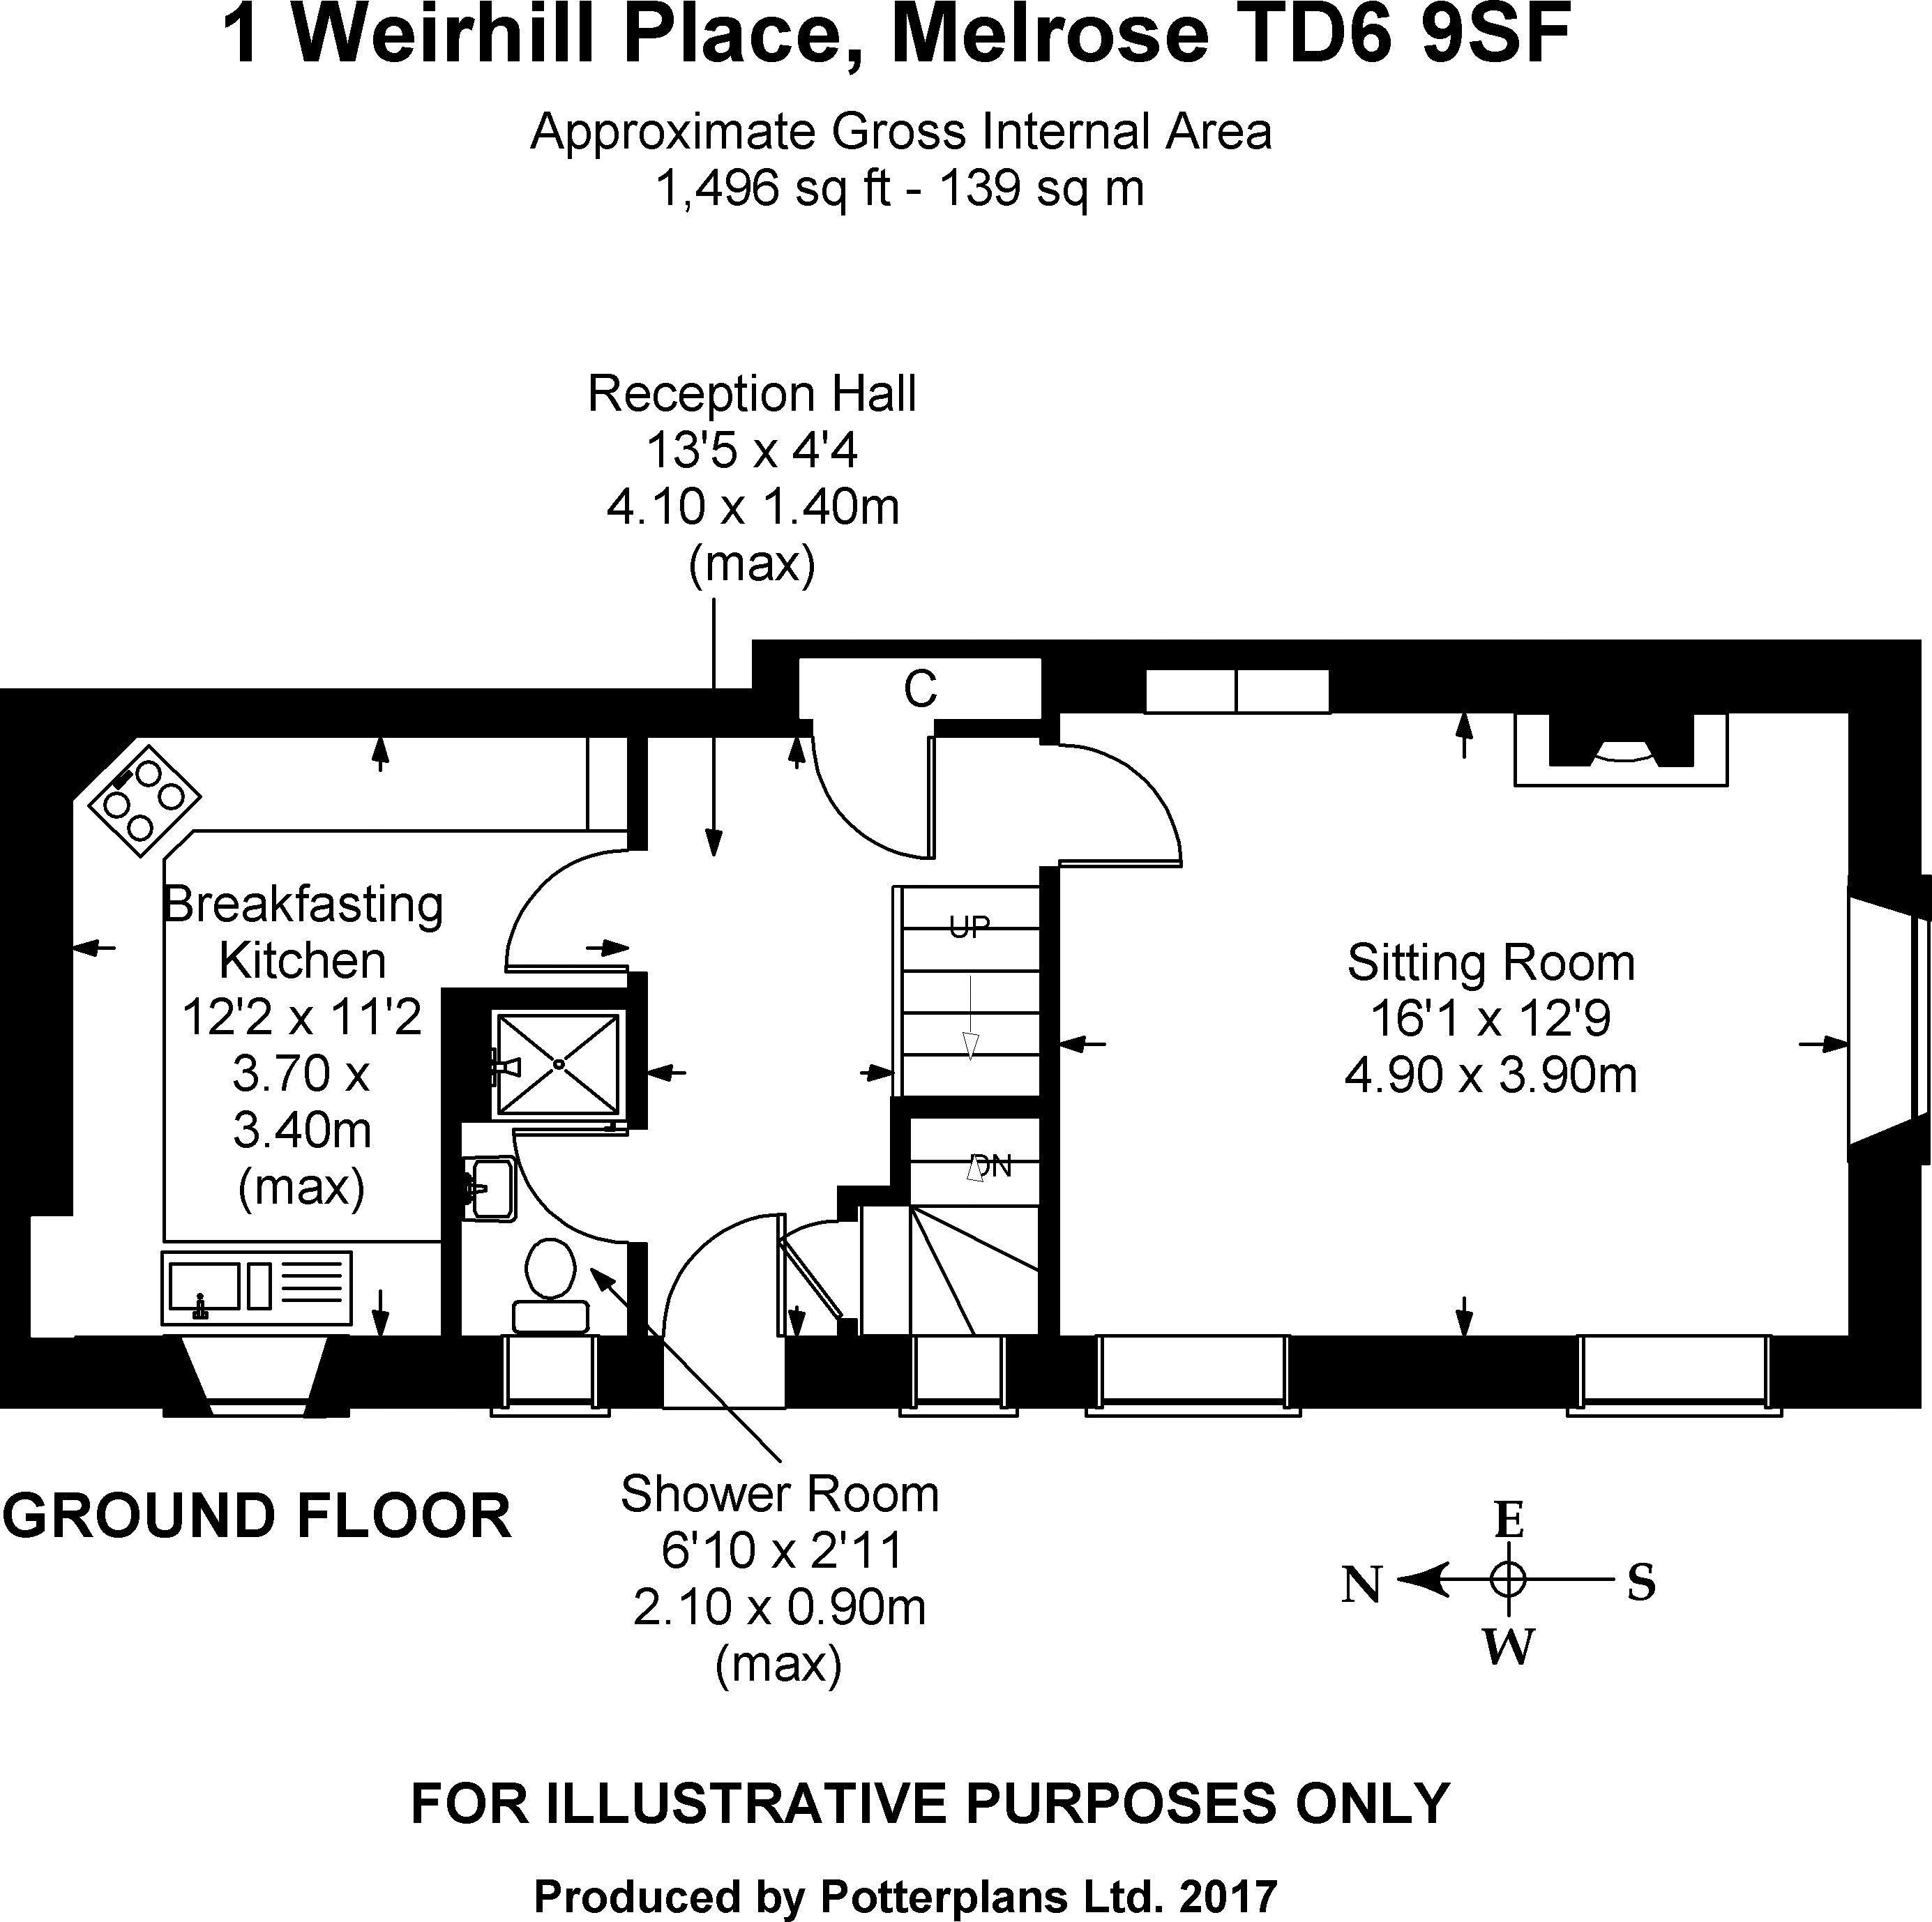 1 Weirhill Place Ground Floor